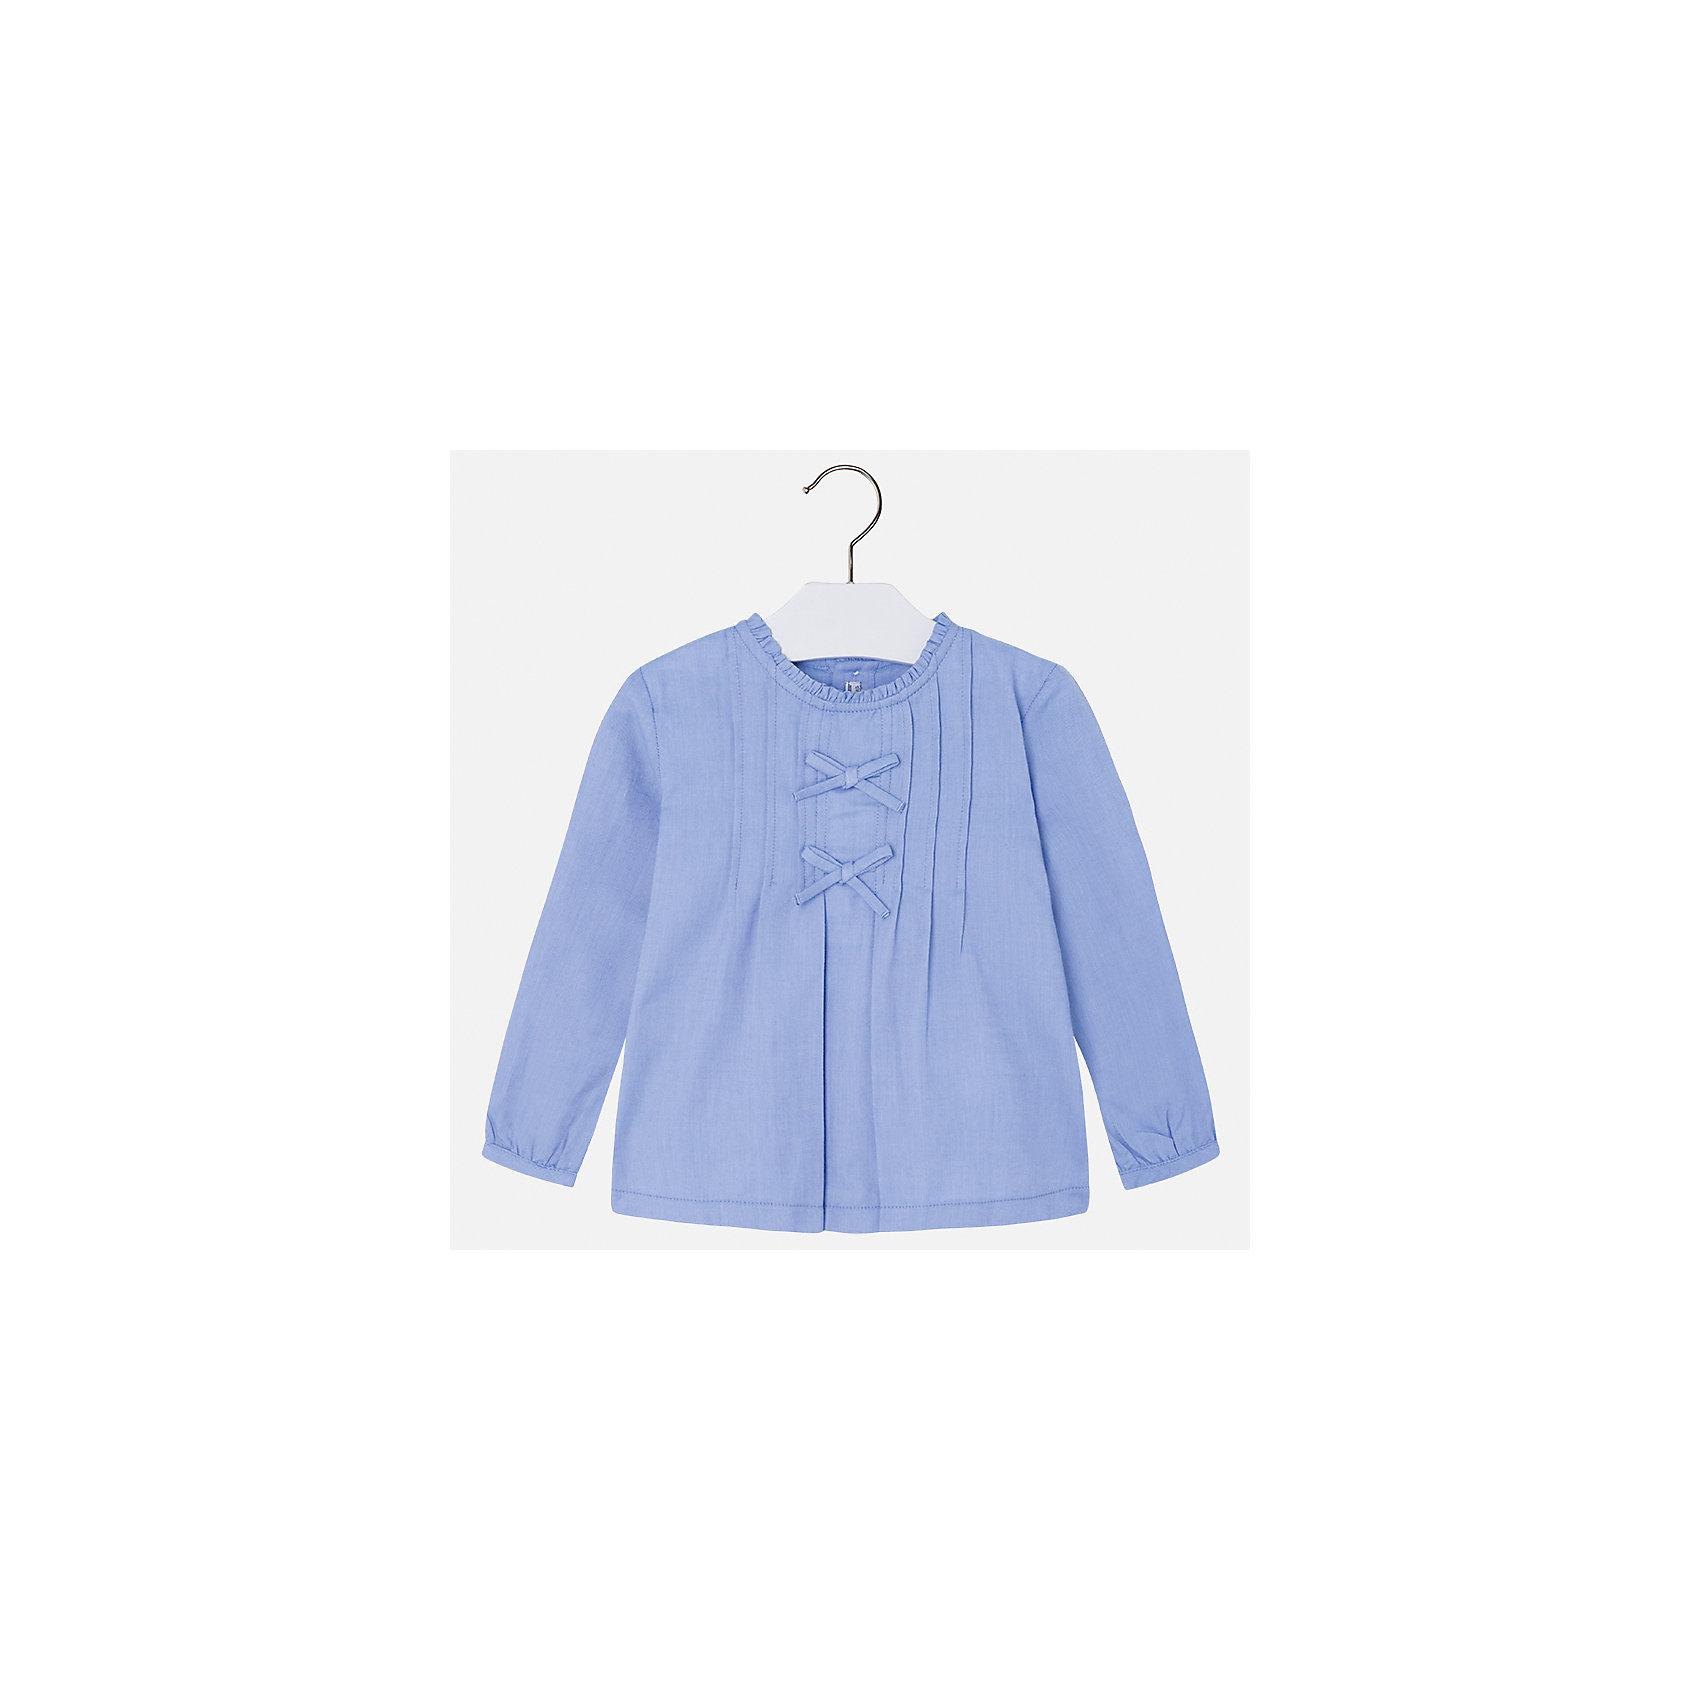 Рубашка Mayoral для девочкиБлузки и рубашки<br>Характеристики товара:<br><br>• цвет: голубой<br>• состав ткани: 100% хлопок<br>• сезон: круглый год<br>• застежка: пуговицы<br>• длинные рукава<br>• страна бренда: Испания<br>• страна изготовитель: Индия<br><br>Модная блузка отличается свободным силуэтом и интересной отделкой. Стильная блузка для девочки от бренда Майорал поможет девочке выглядеть модно и чувствовать себя комфортно. <br><br>Для производства детской одежды популярный бренд Mayoral использует только качественную фурнитуру и материалы. Оригинальные и модные вещи от Майорал неизменно привлекают внимание и нравятся детям.<br><br>Блузку для девочки Mayoral (Майорал) можно купить в нашем интернет-магазине.<br><br>Ширина мм: 186<br>Глубина мм: 87<br>Высота мм: 198<br>Вес г: 197<br>Цвет: голубой<br>Возраст от месяцев: 96<br>Возраст до месяцев: 108<br>Пол: Женский<br>Возраст: Детский<br>Размер: 134,104,110,116,122,128<br>SKU: 6923953